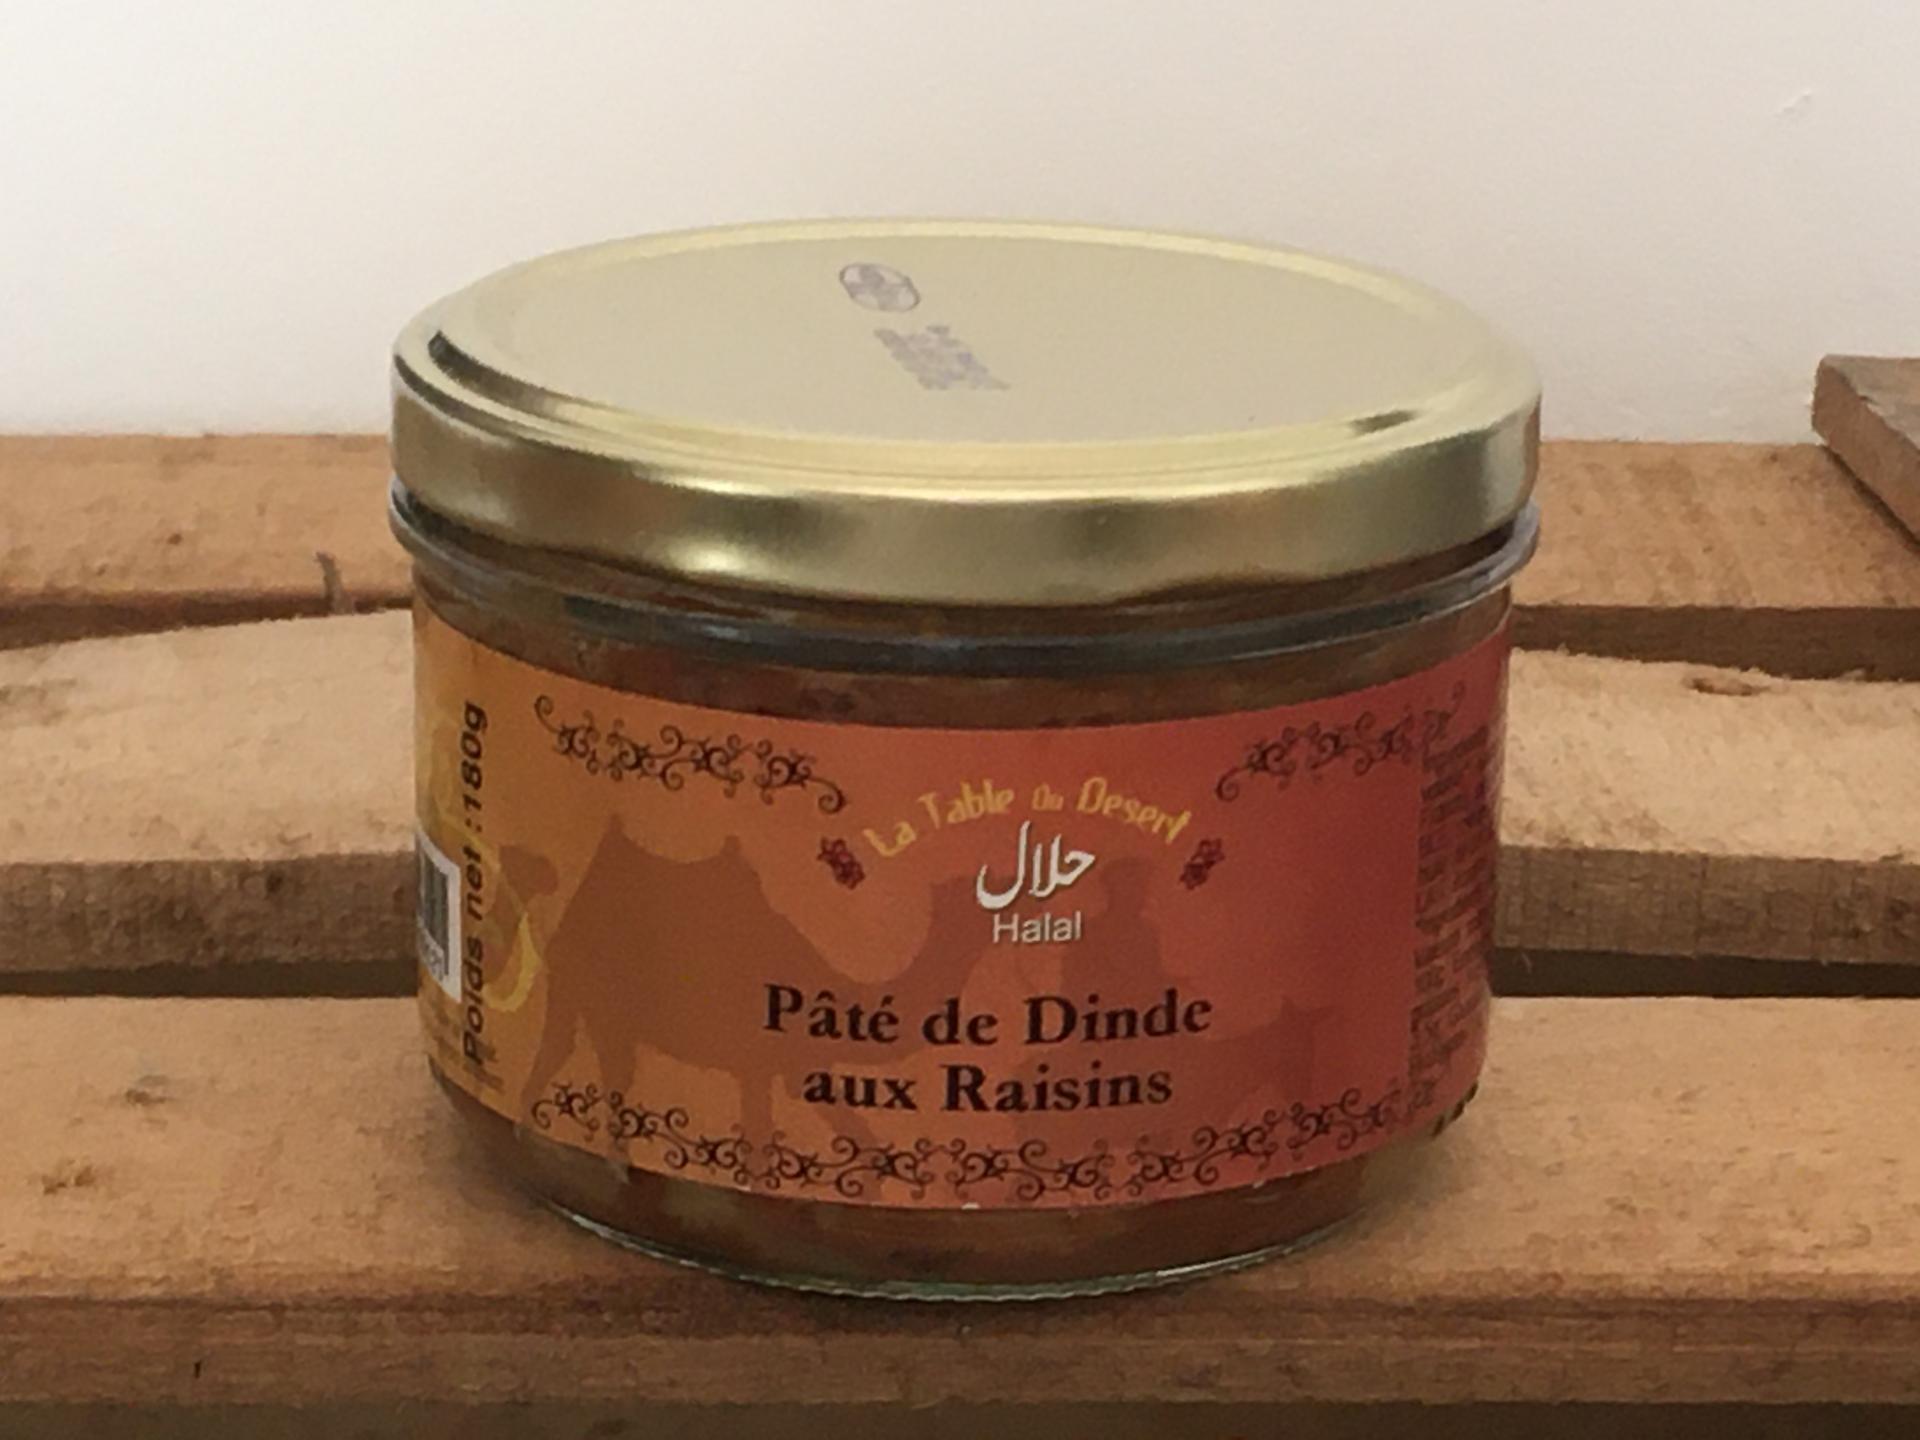 Pate de dinde aux raisins halal 180g bocal